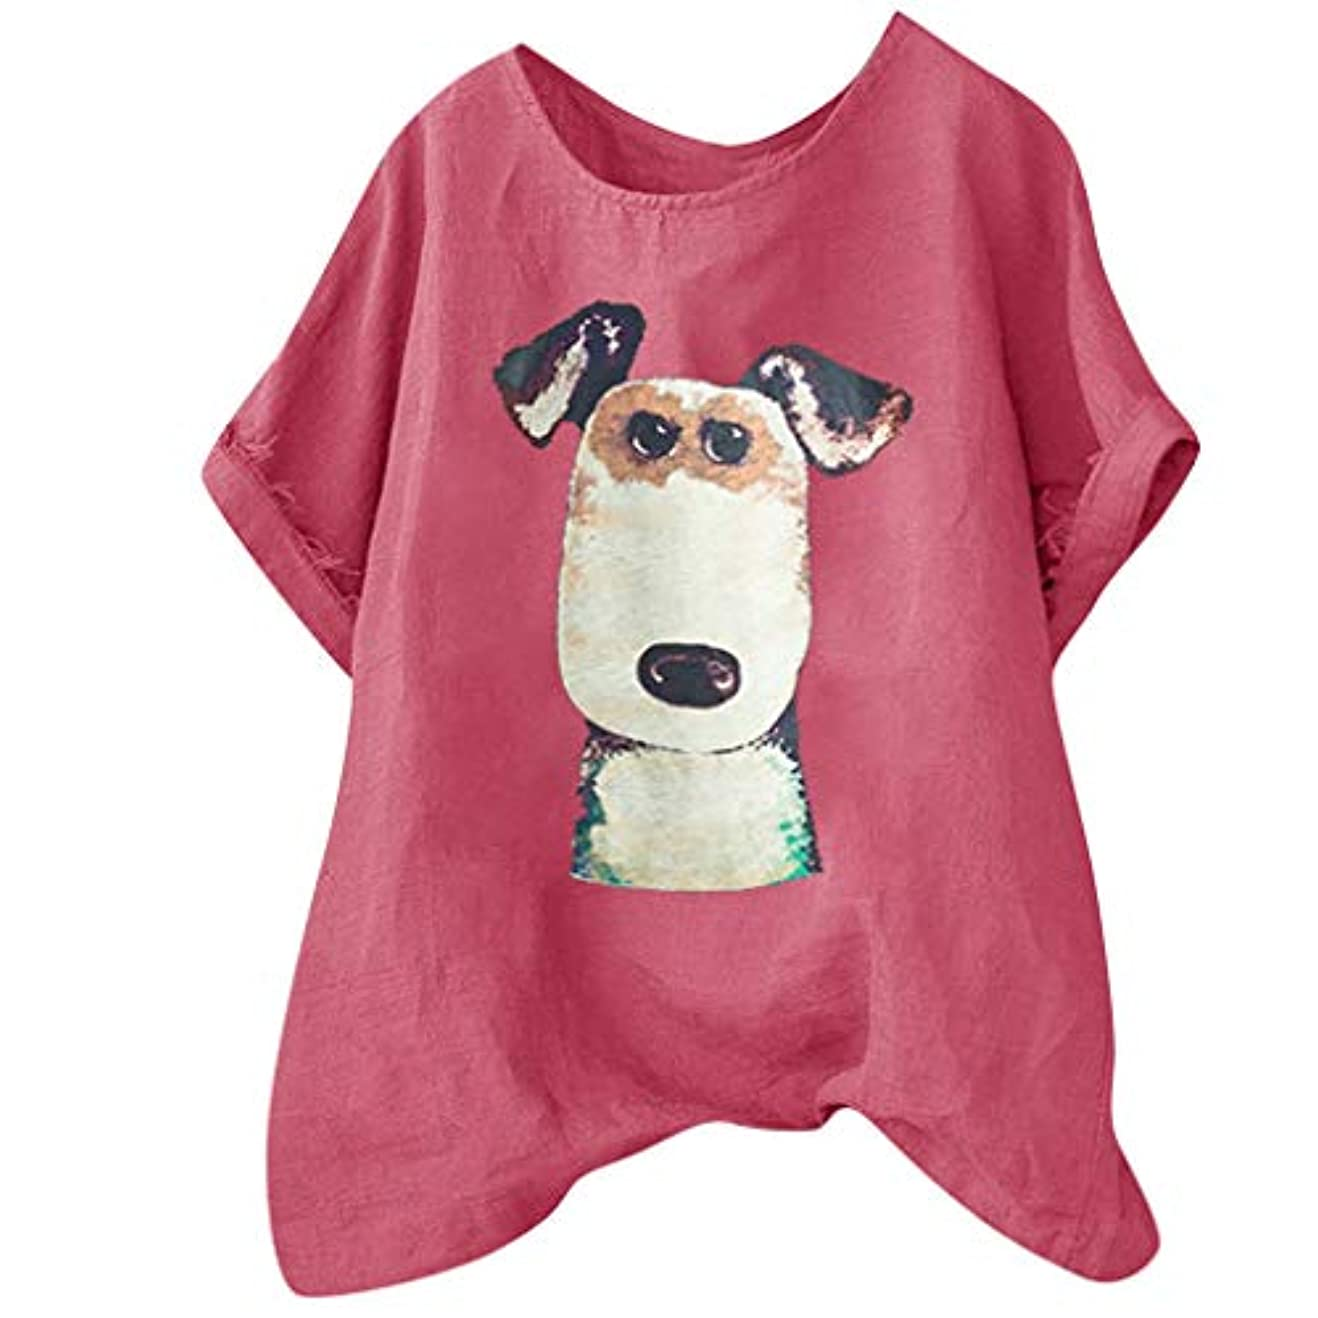 エゴイズム生まれ子音メンズ Tシャツ 可愛い ねこ柄 白t ストライプ模様 春夏秋 若者 気質 おしゃれ 夏服 多選択 猫模様 カジュアル 半袖 面白い 動物 ゆったり シンプル トップス 通勤 旅行 アウトドア tシャツ 人気